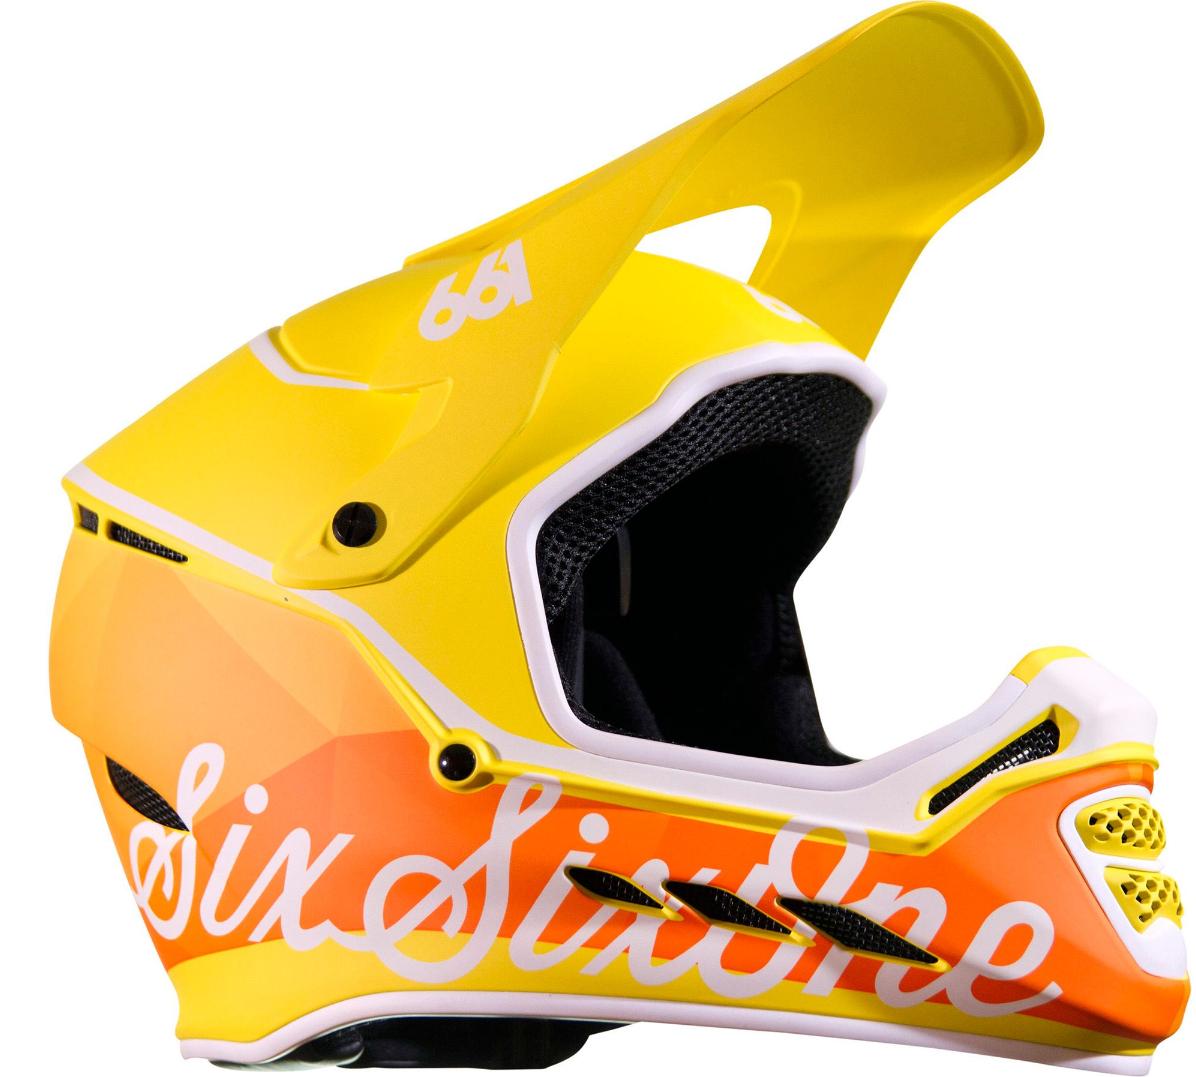 MTB Bike Helm SixSixOne Reset (+ Mudguard) - Geo Citrus (L,XL,XXL)